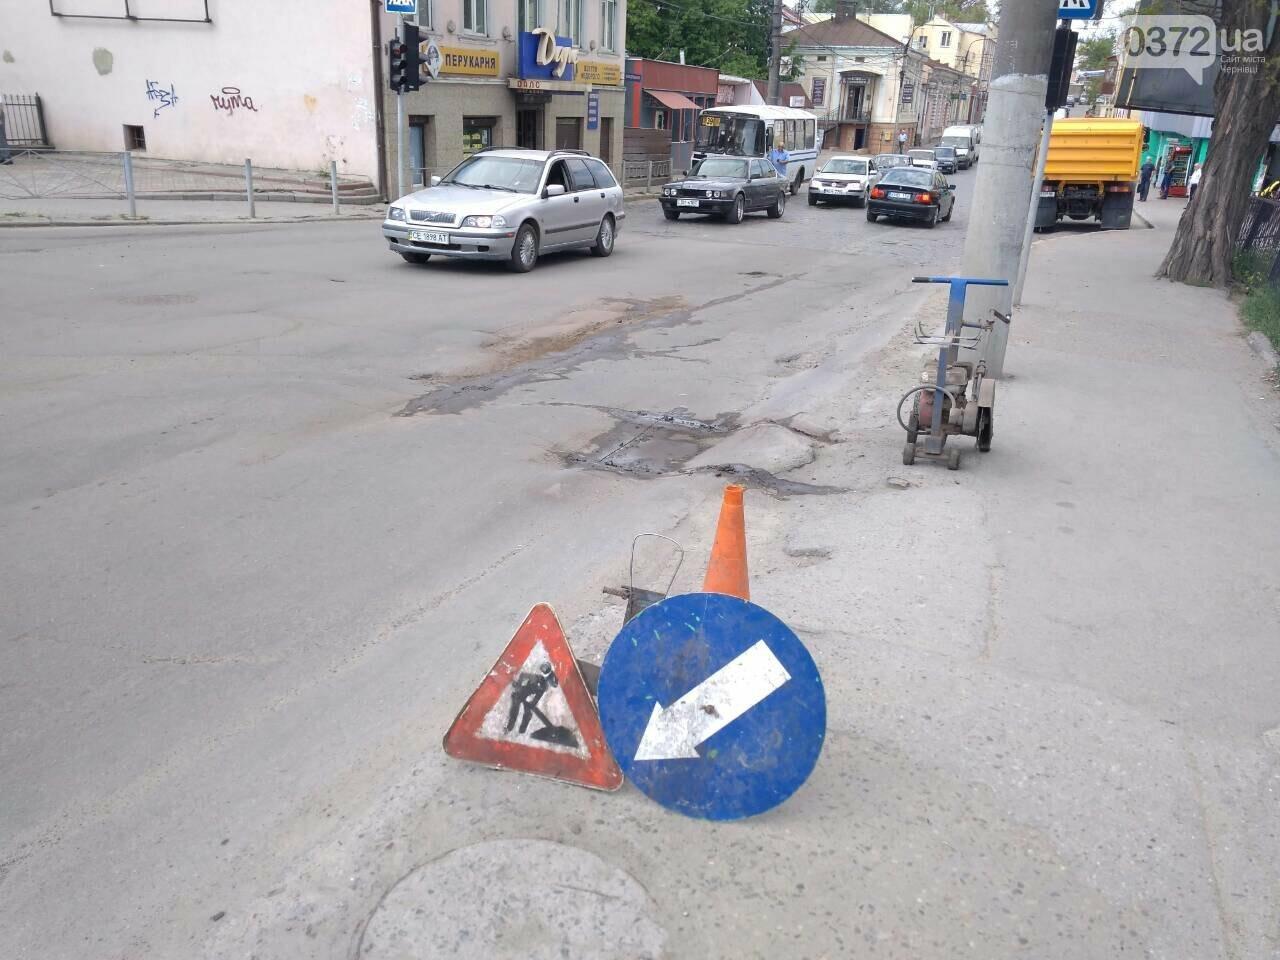 Ремонт дороги на вулиці Руській у Чернівцях спричинив масштабний затор (фото), фото-3